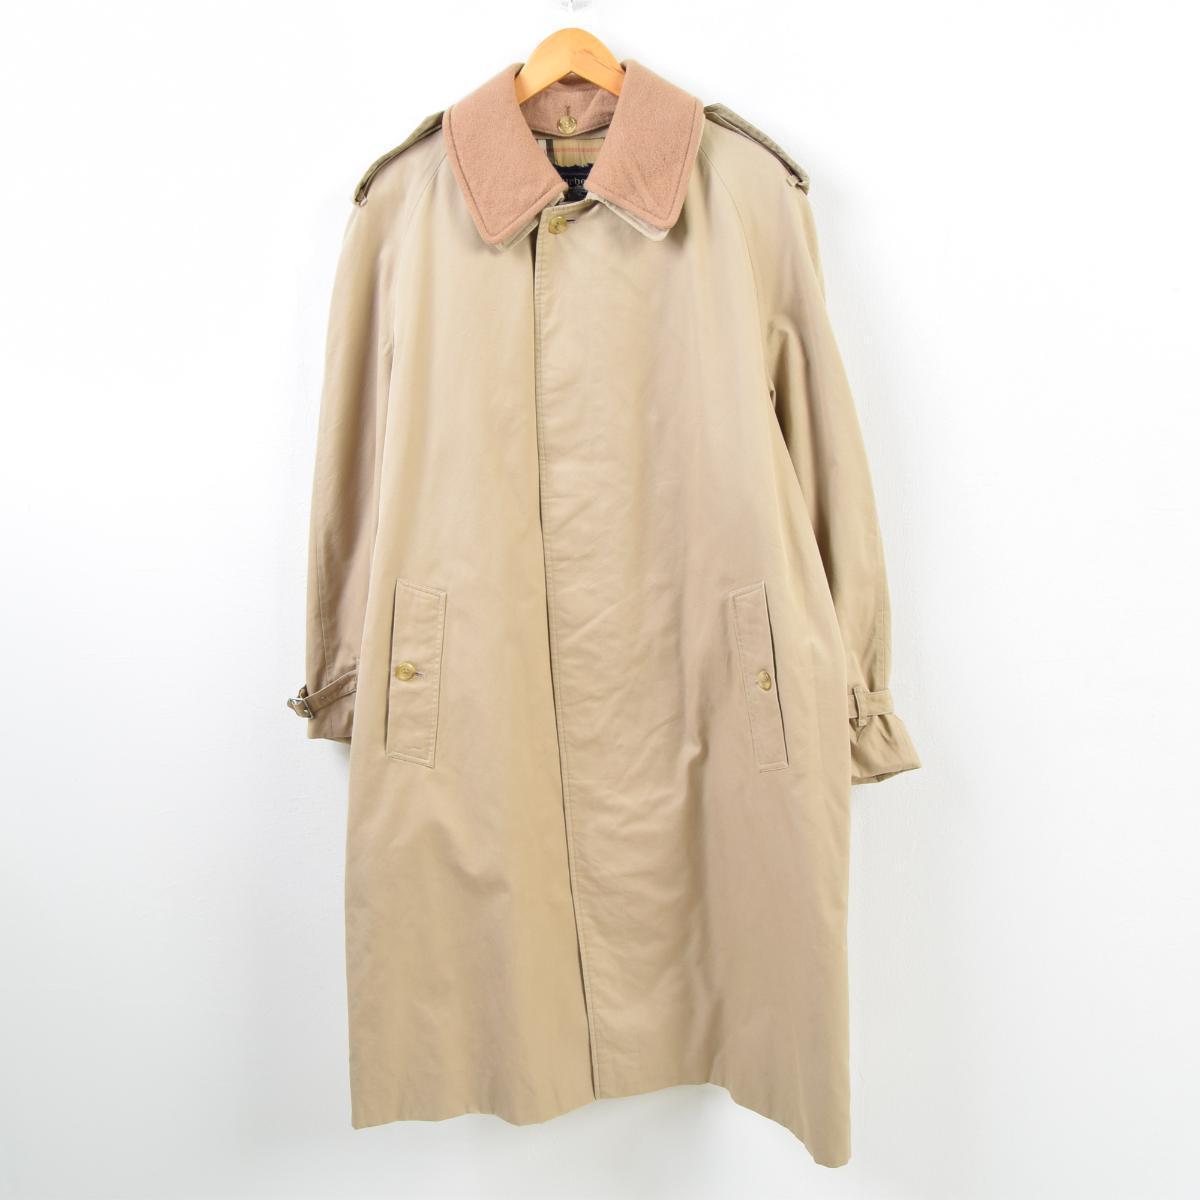 バーバリー Burberry's ウール襟付き エポレット付き ステンカラーコート バルマカーンコート 42 メンズM /wbc9976 【中古】 【190219】【TS1911】【SVTG】